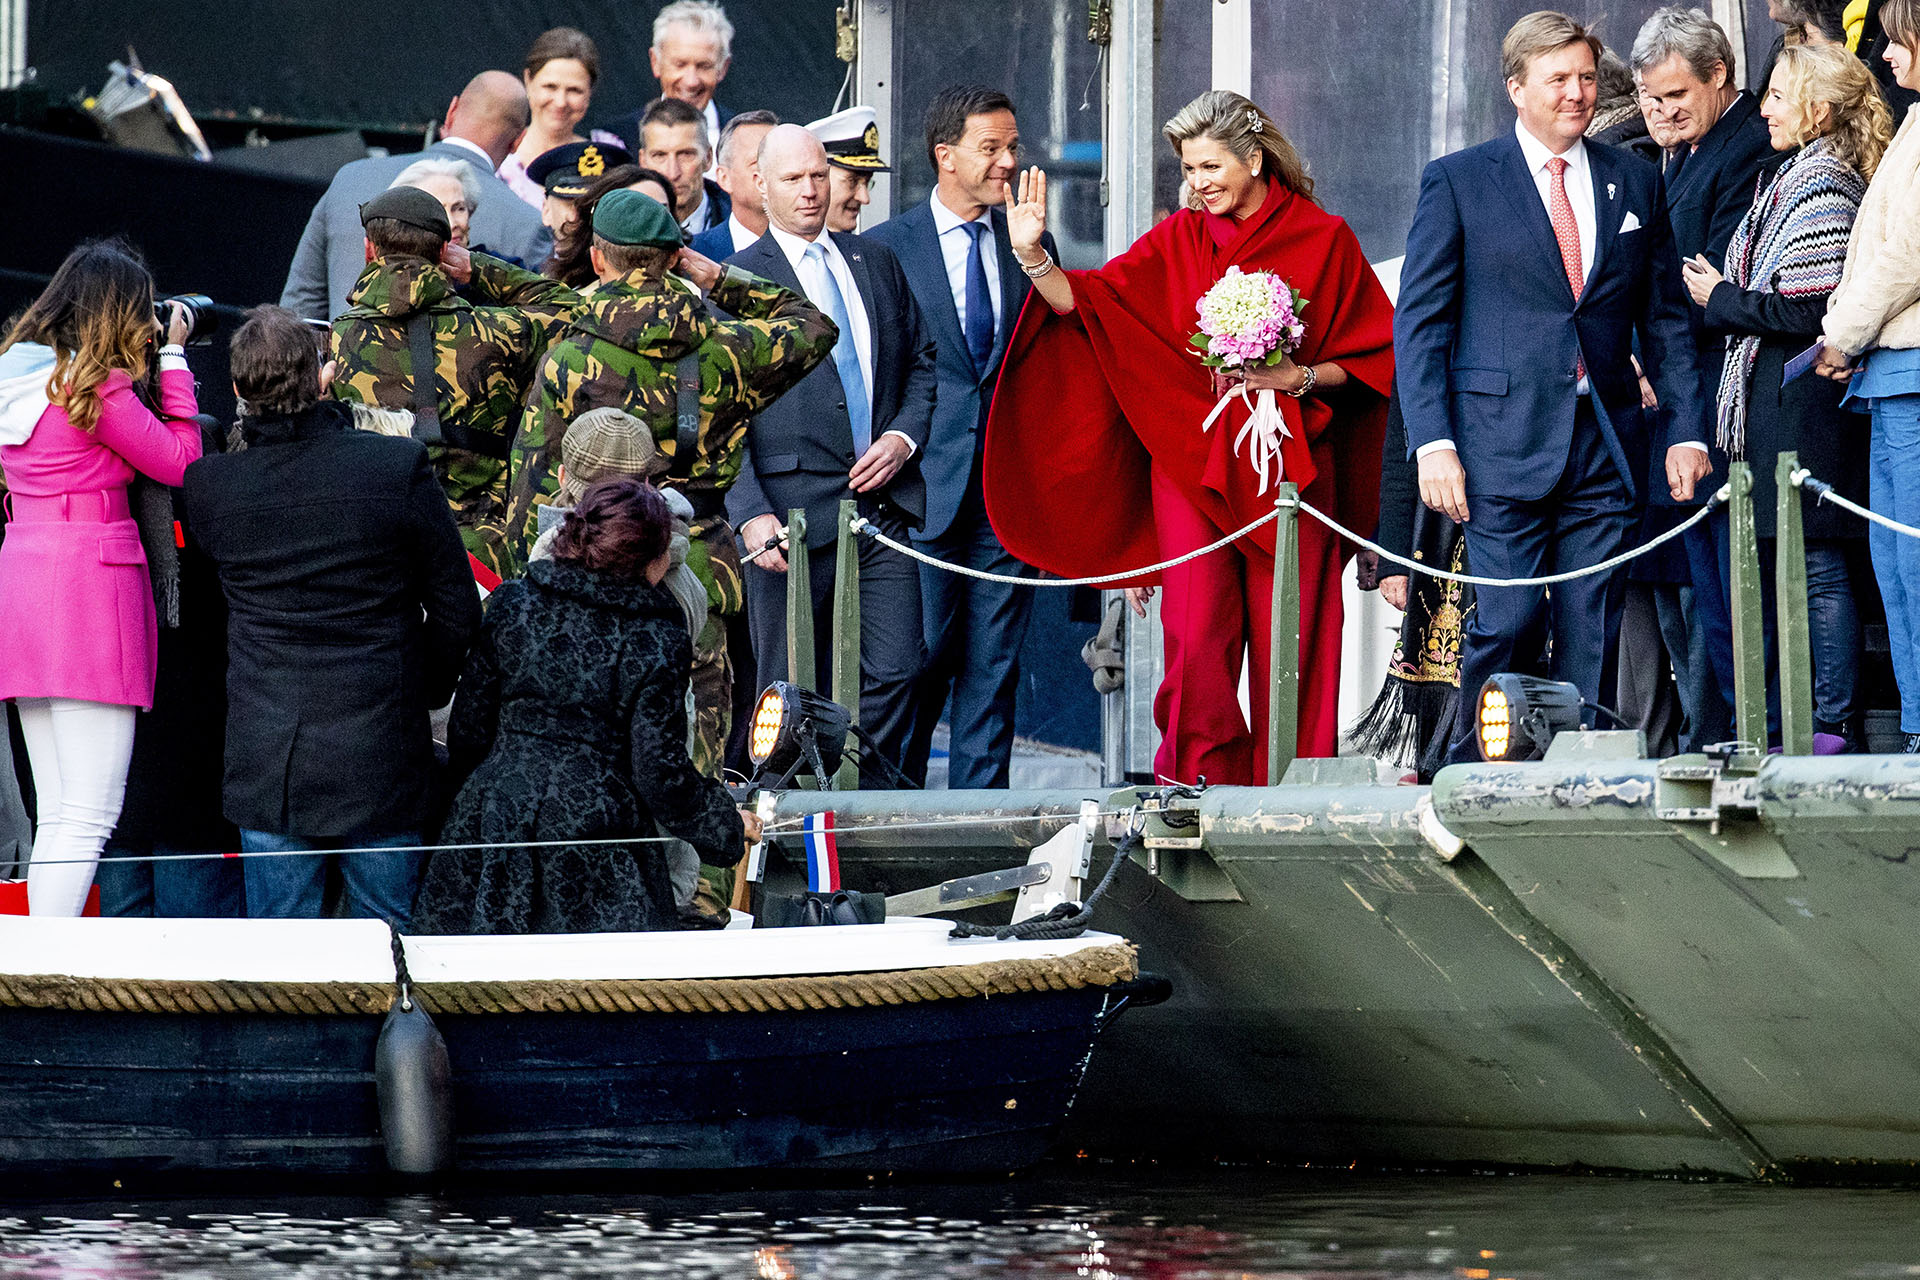 Al día siguiente, los reyes participaron del Bevrijdingsconcert, el concierto de la Liberación que puso un broche de oro musical al sentido homenaje